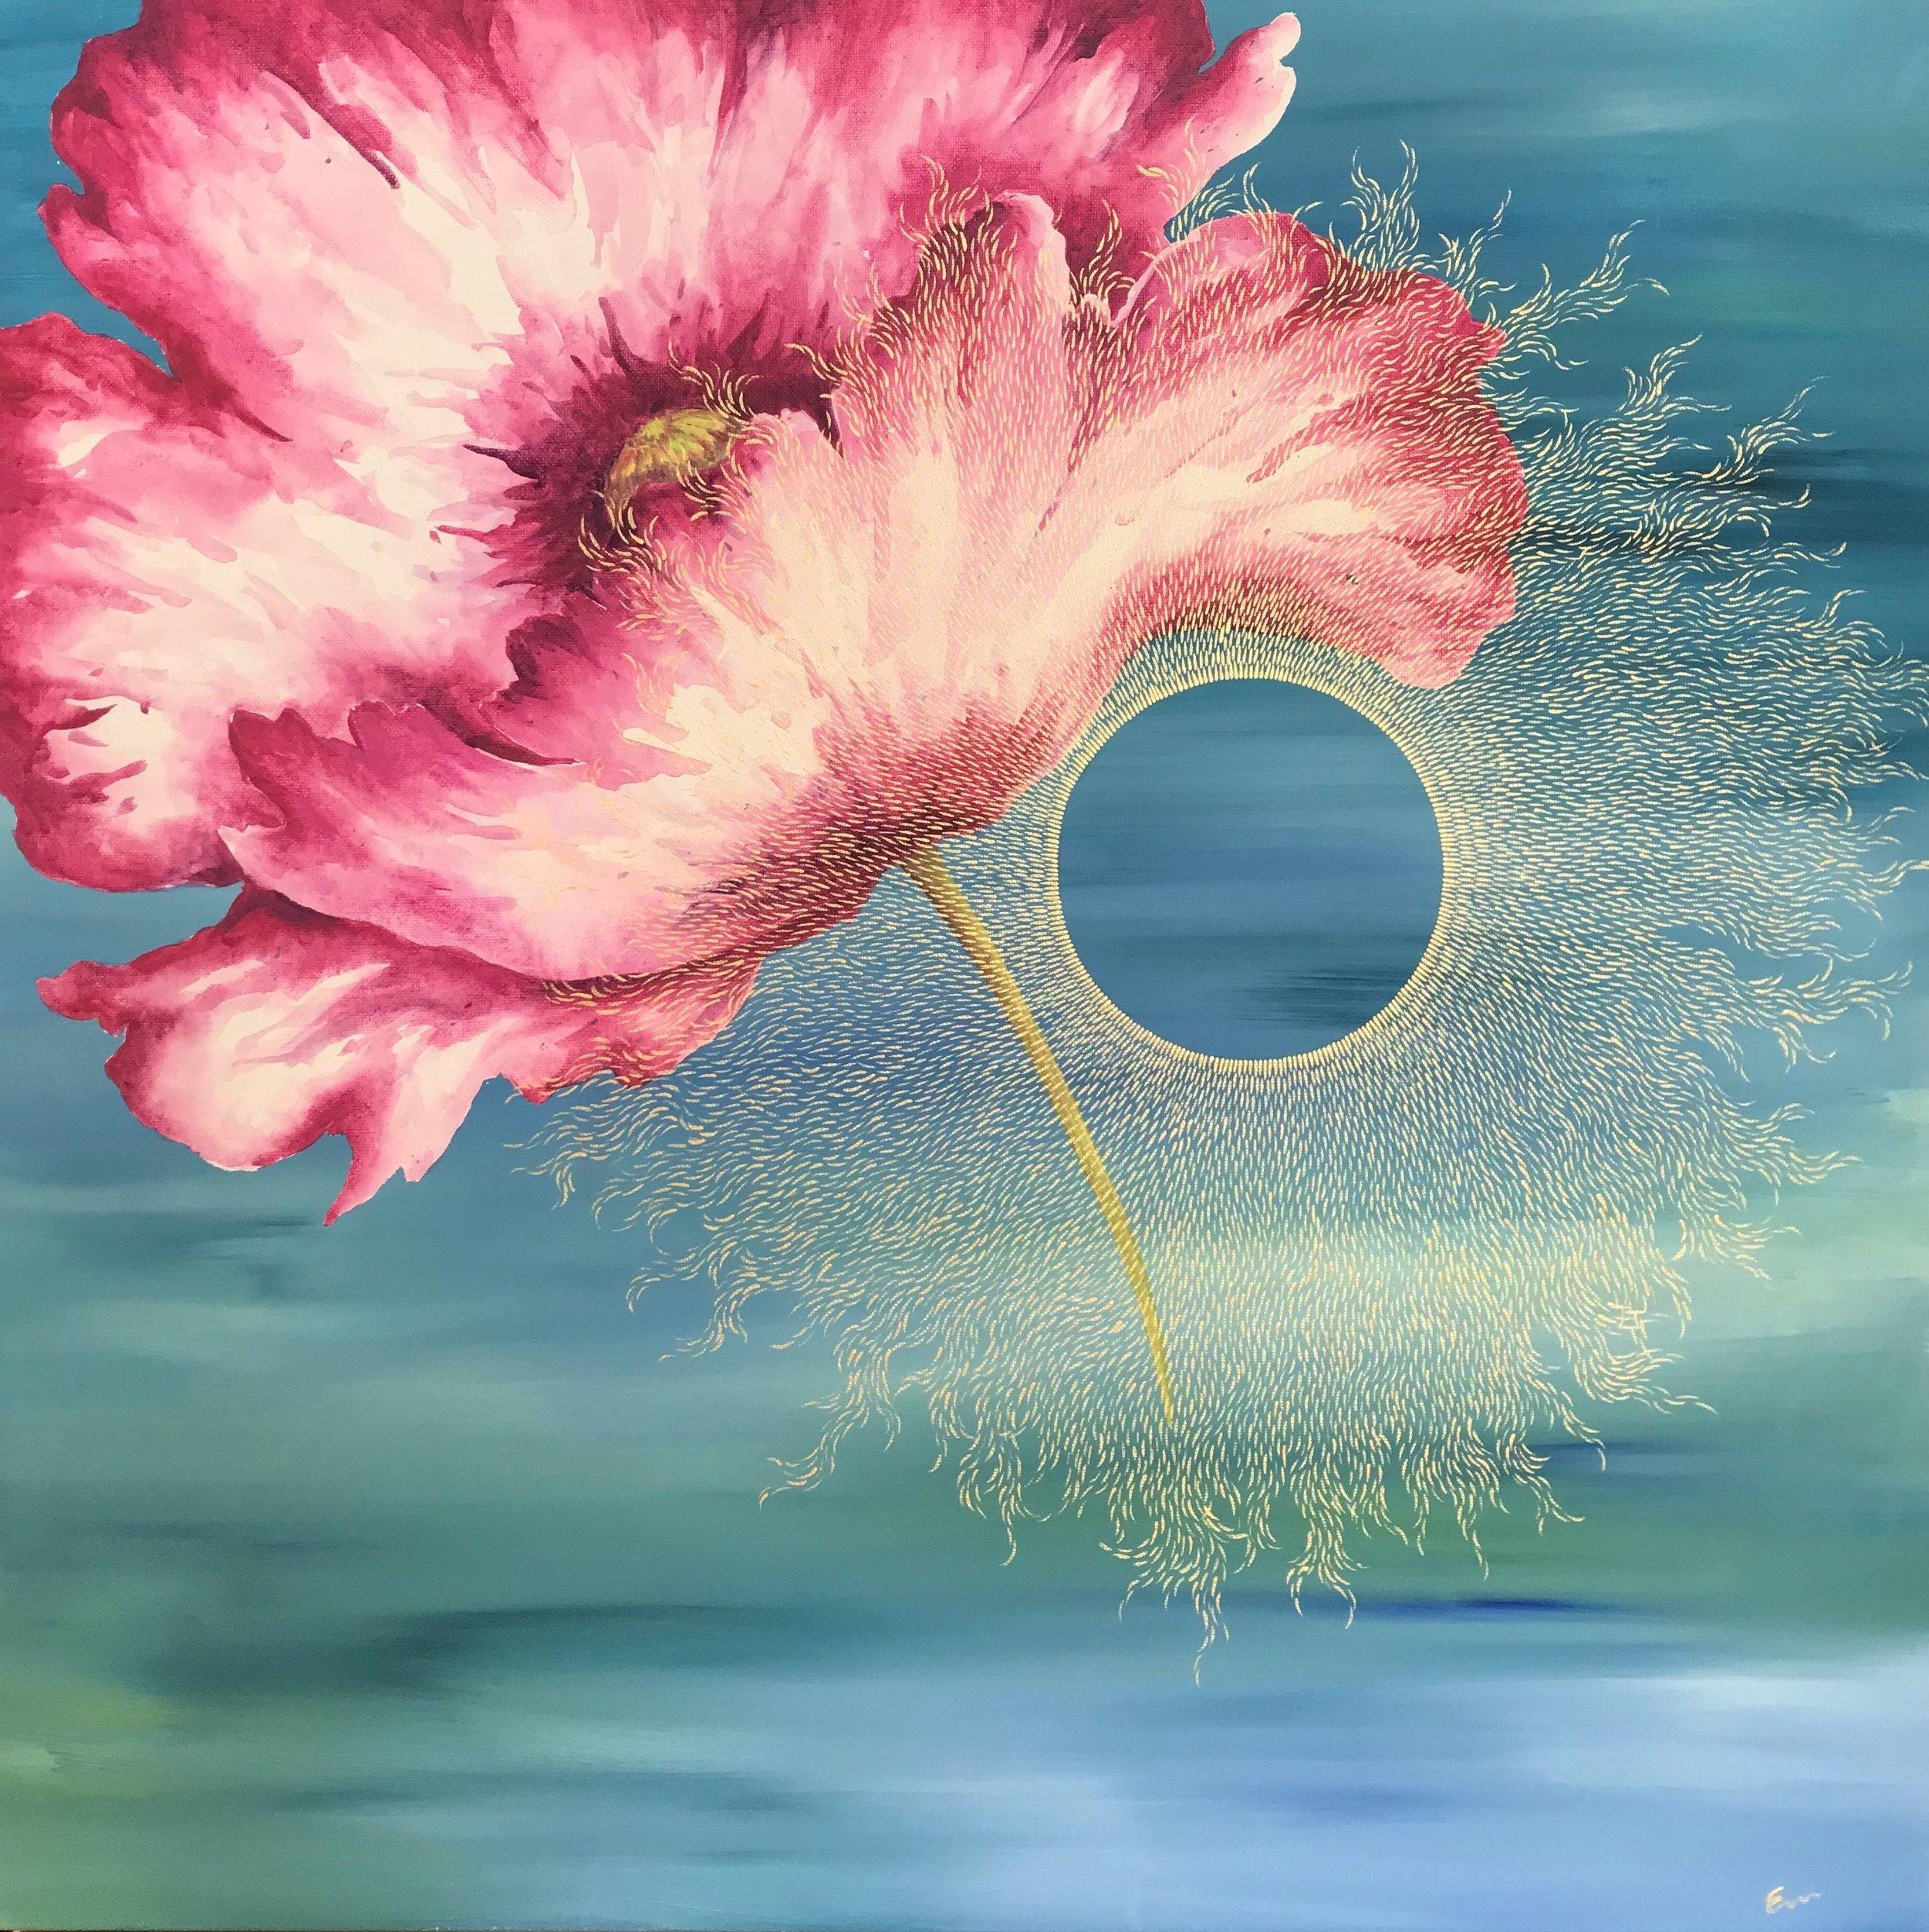 Floral Serenity 3.jpg